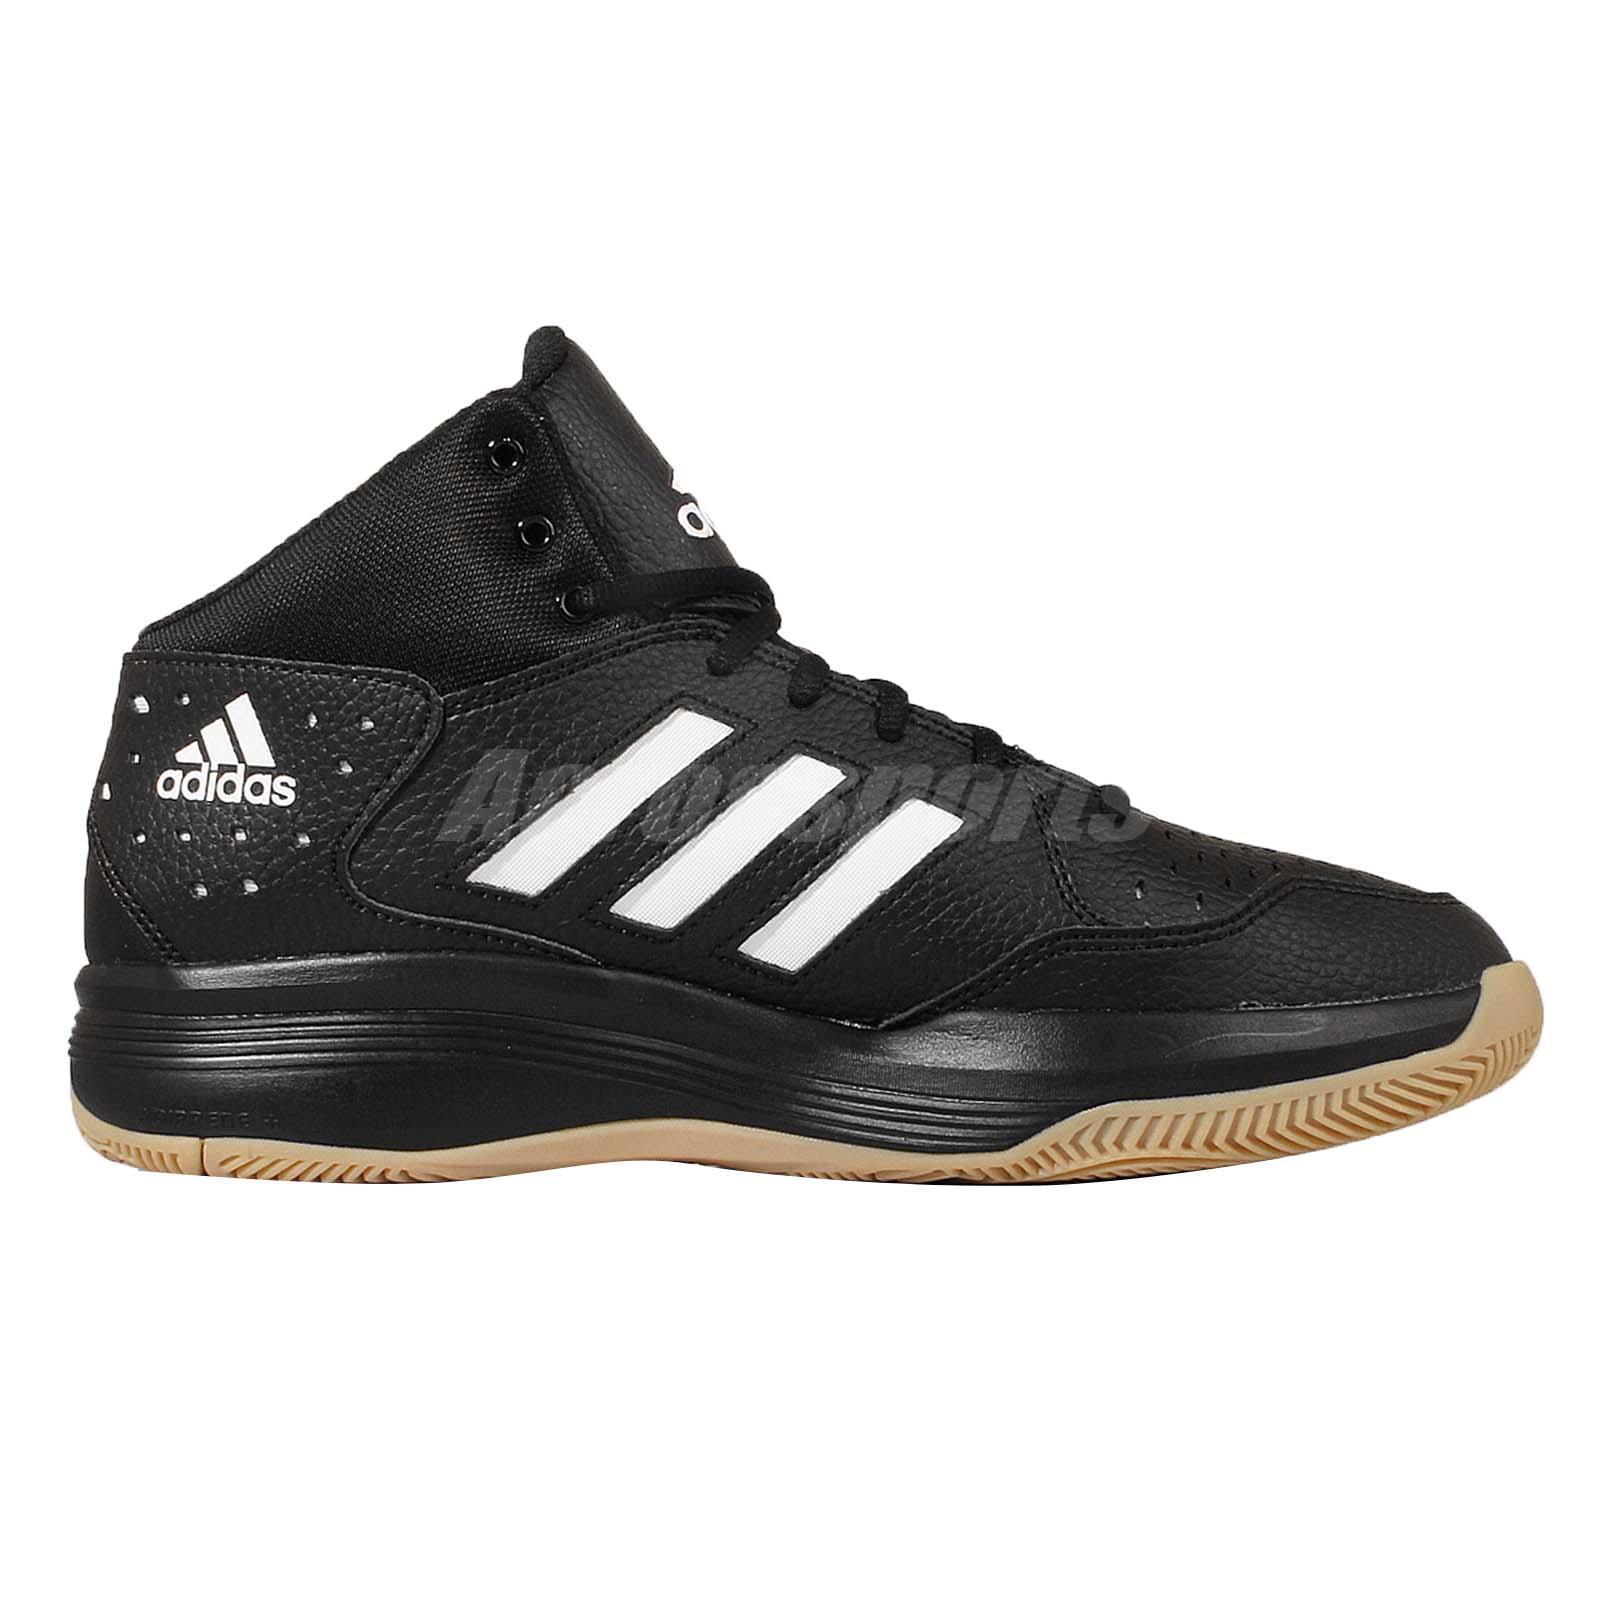 adidas basketball shoes adiprene